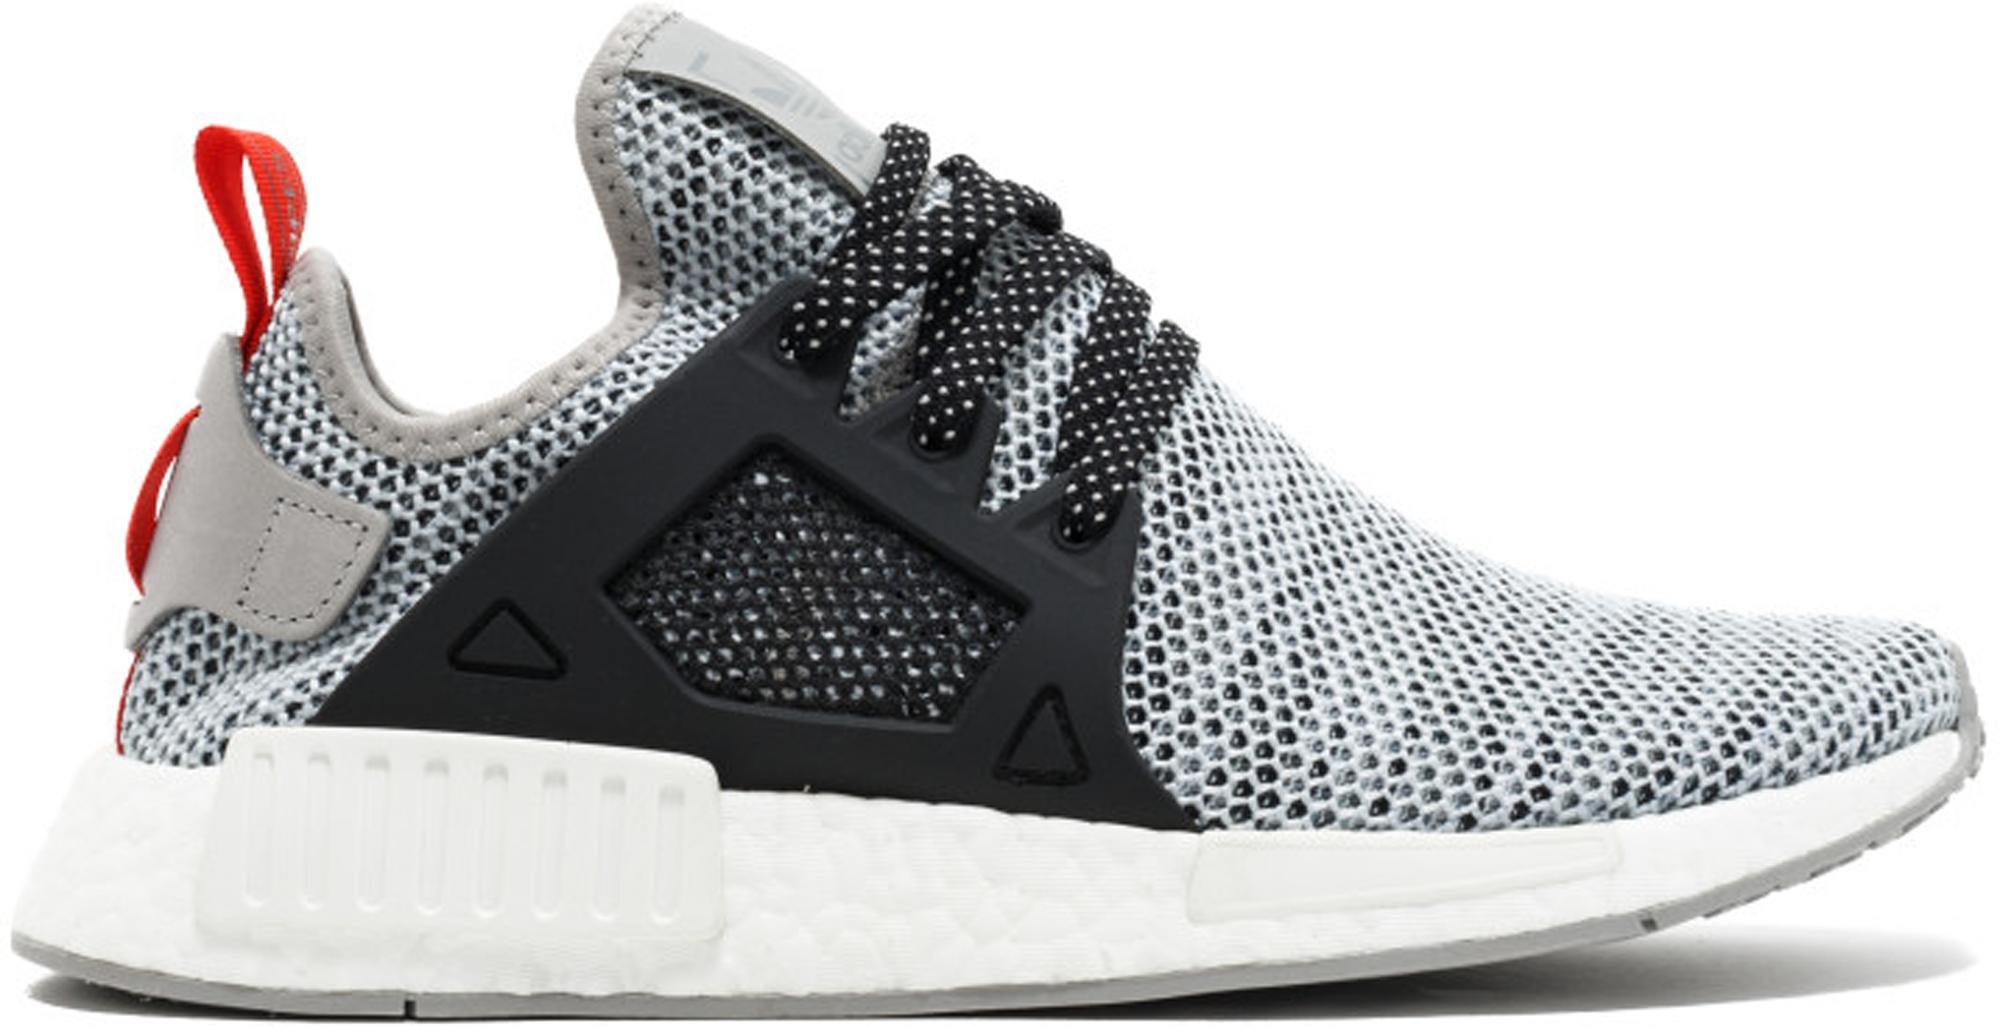 930f79b2c688 ... adidas nmd xr1 jd sports grey black